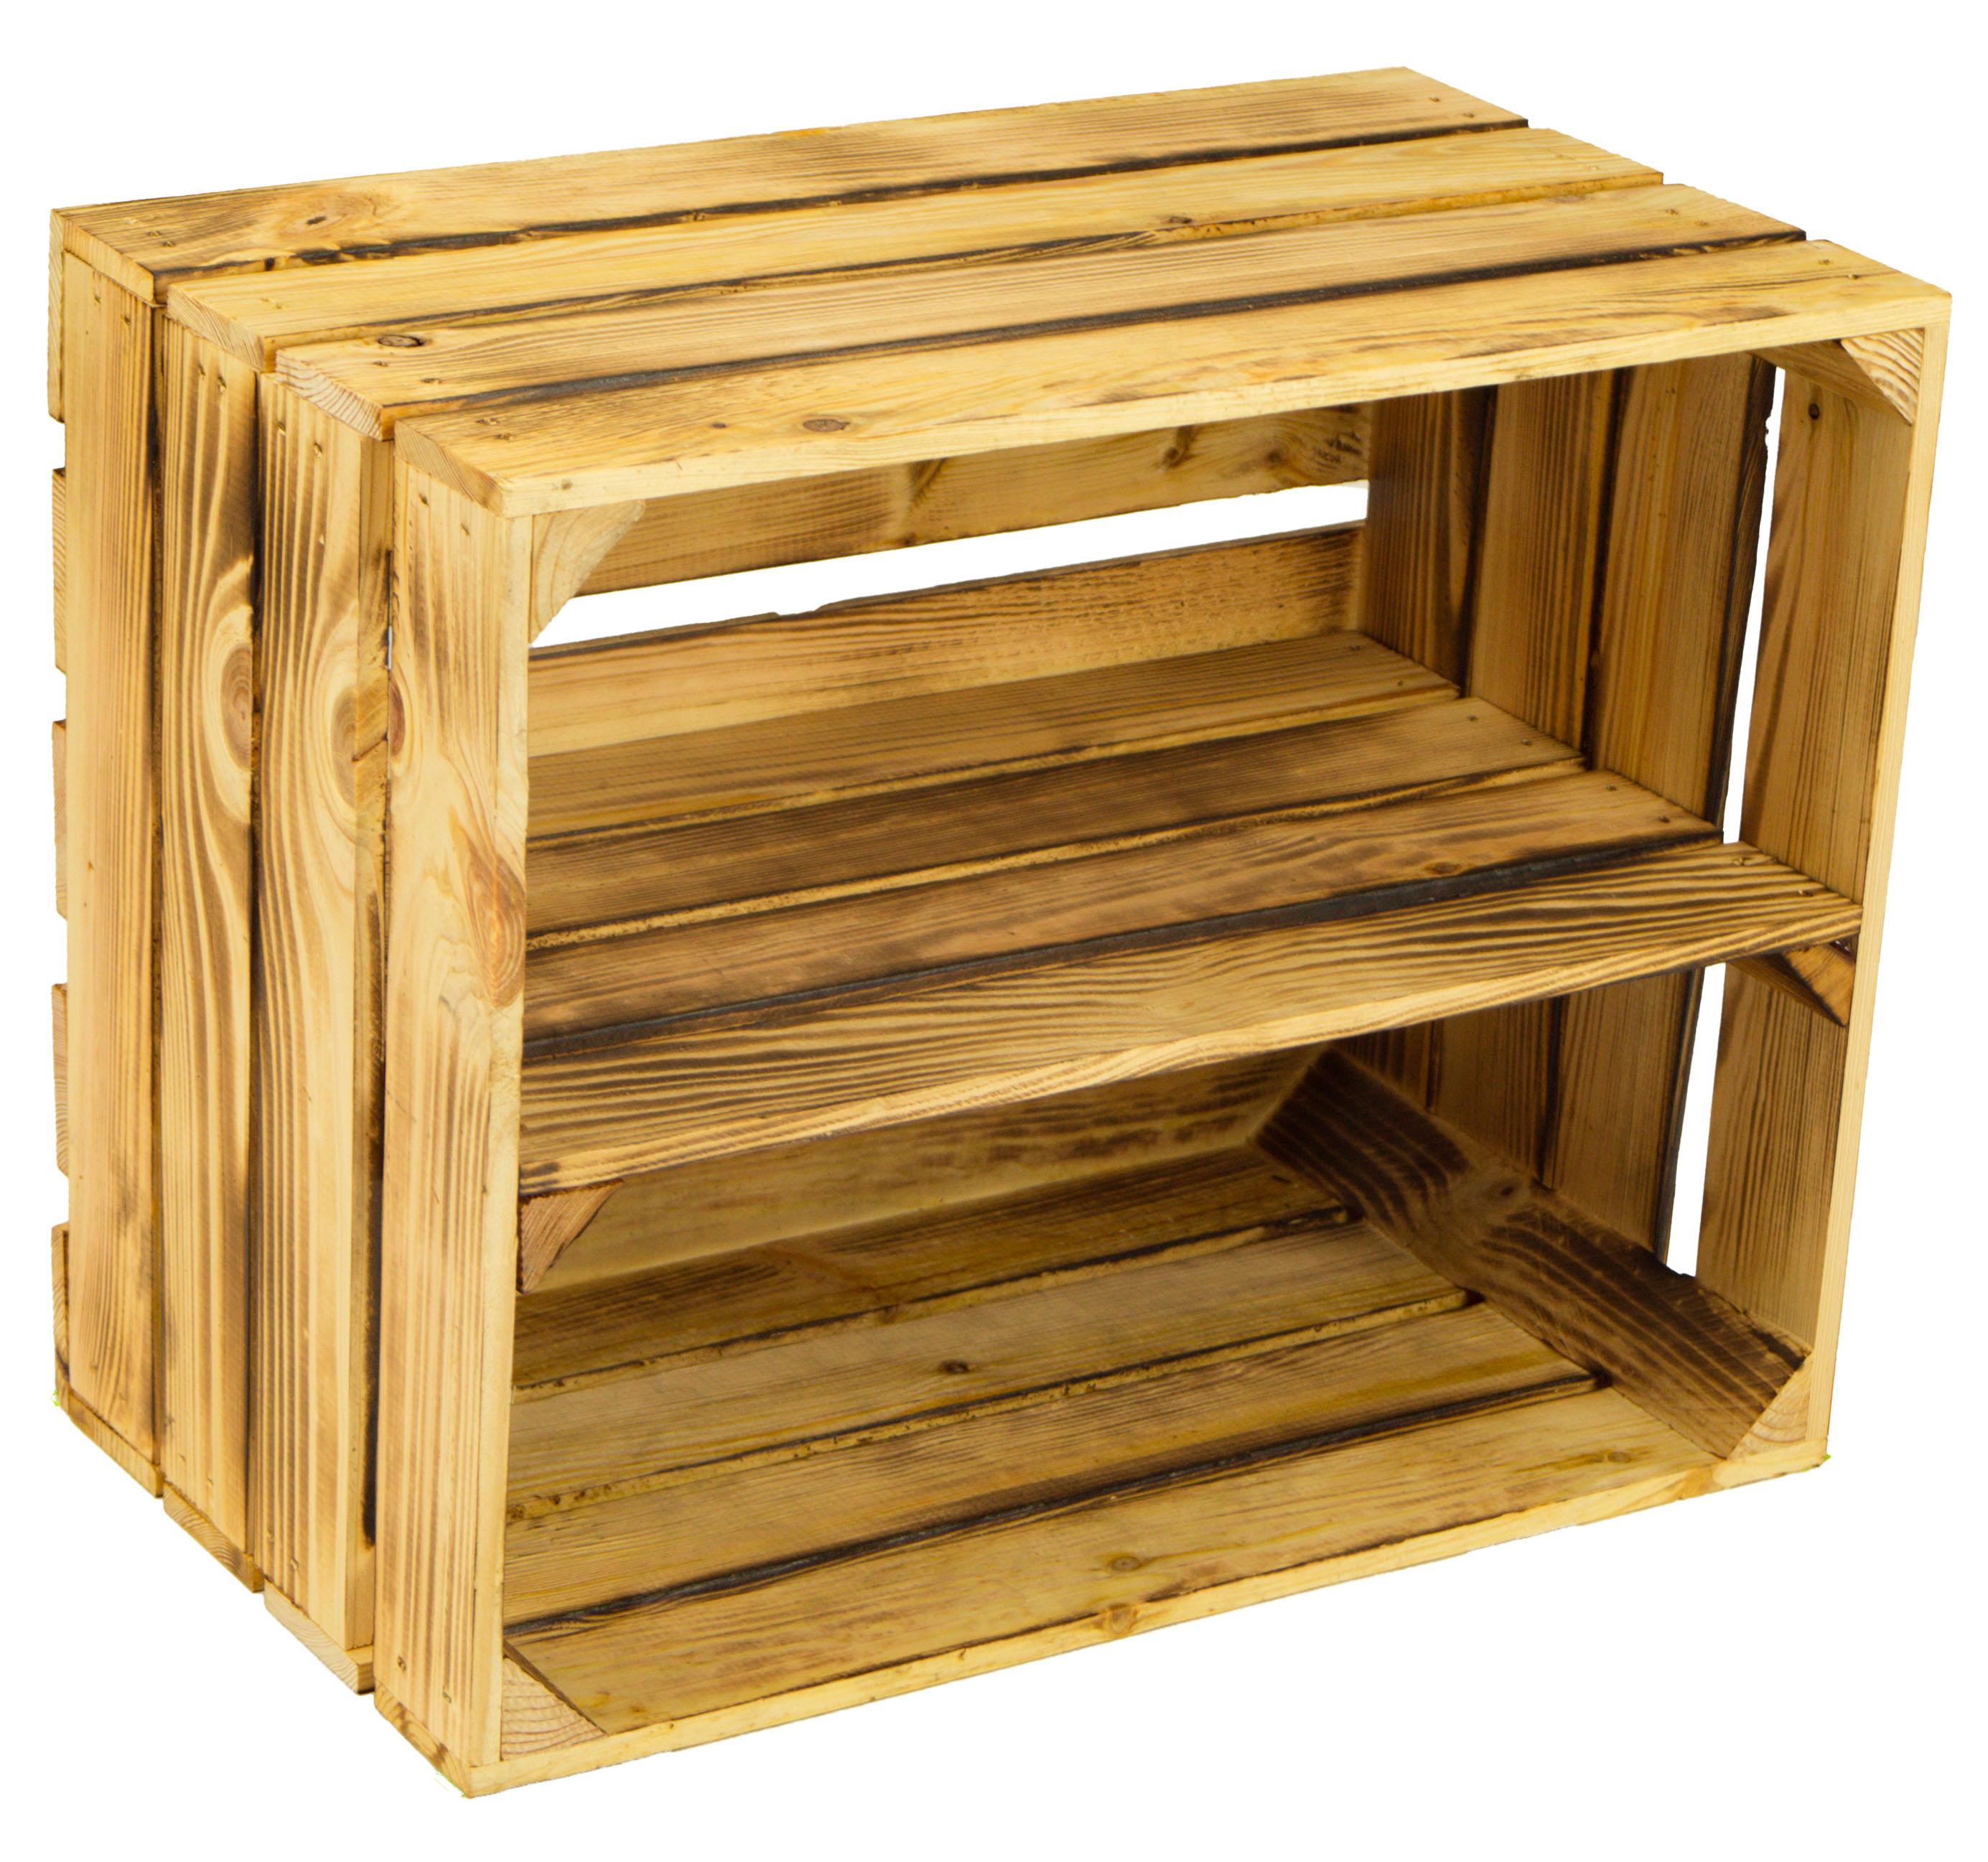 sch nes schuhregal aus weinkisten im landhaus stil weinkisten obstkisten kaufen bei. Black Bedroom Furniture Sets. Home Design Ideas